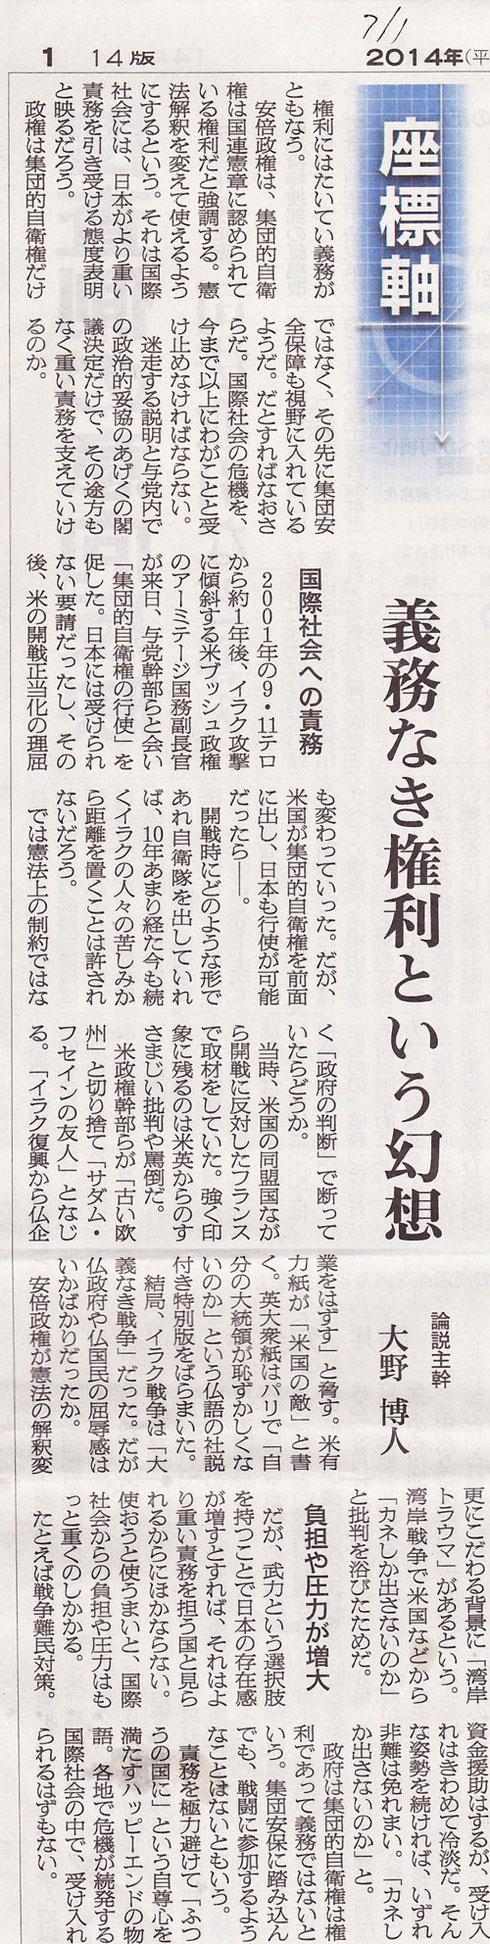 7月1日朝日新聞